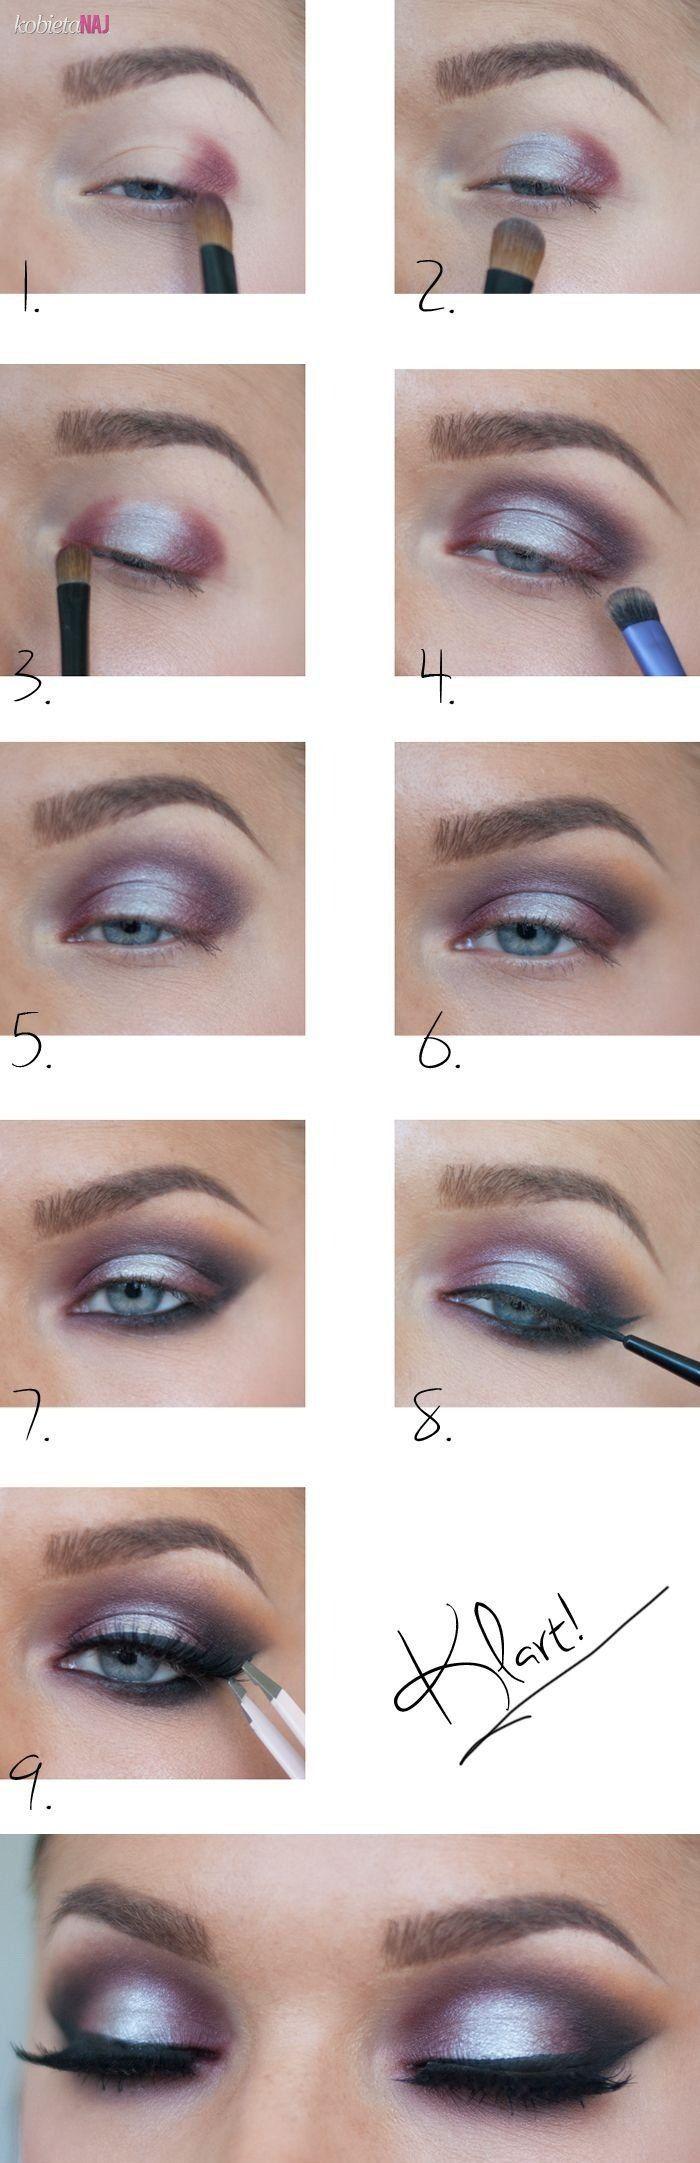 Piękny, metaliczny make up muśnięty bordowym odcieniem - Krok po kroku...